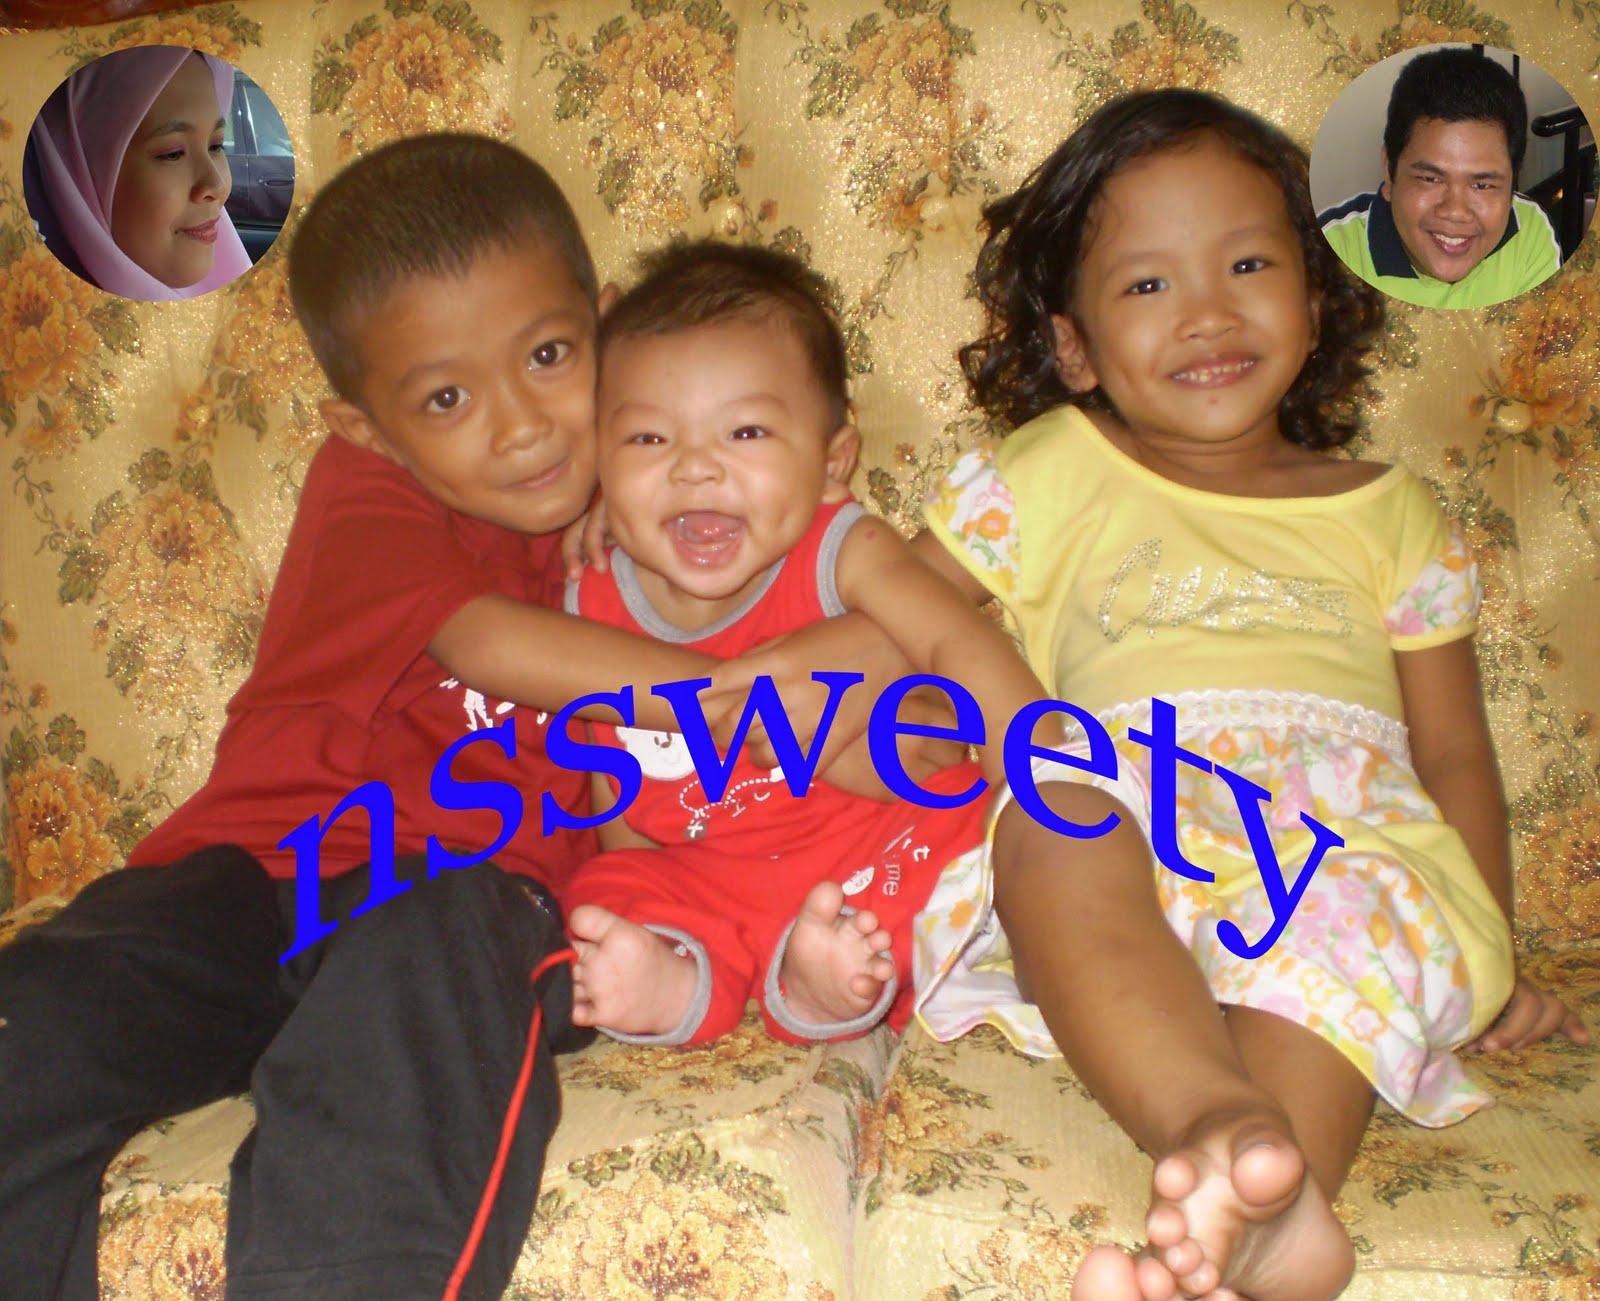 nssweety